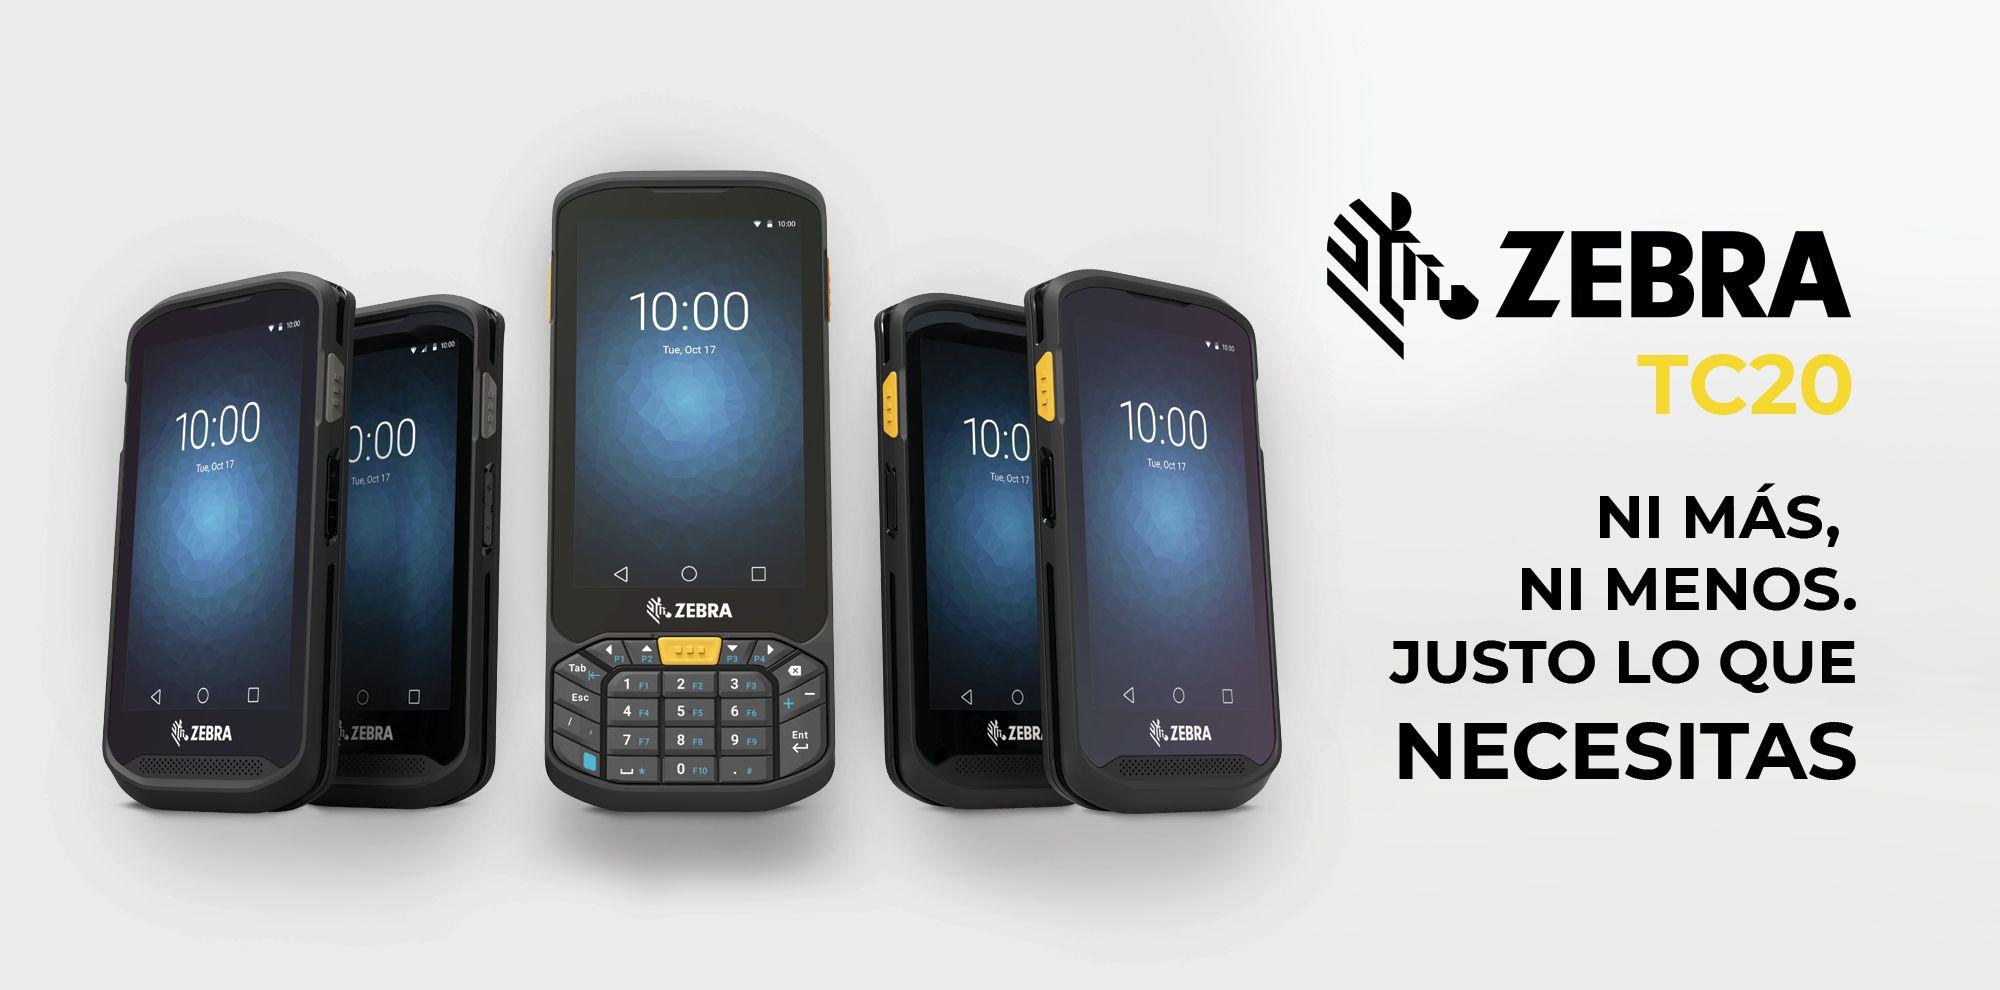 terminales móviles Zebra TC20 para retail